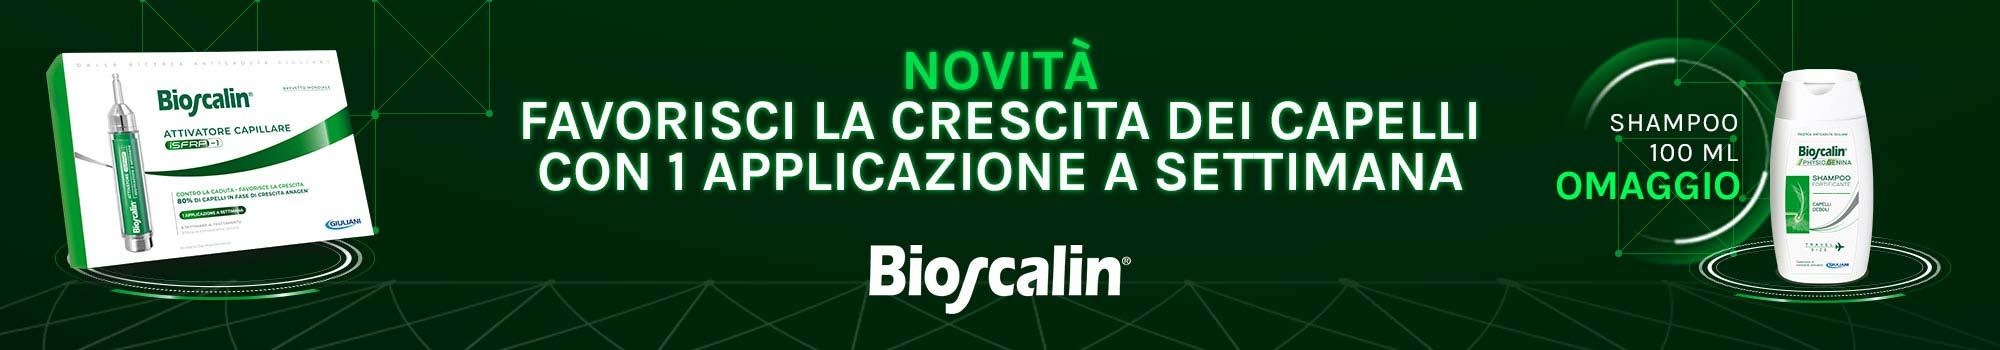 bioscalin attivatore capillare